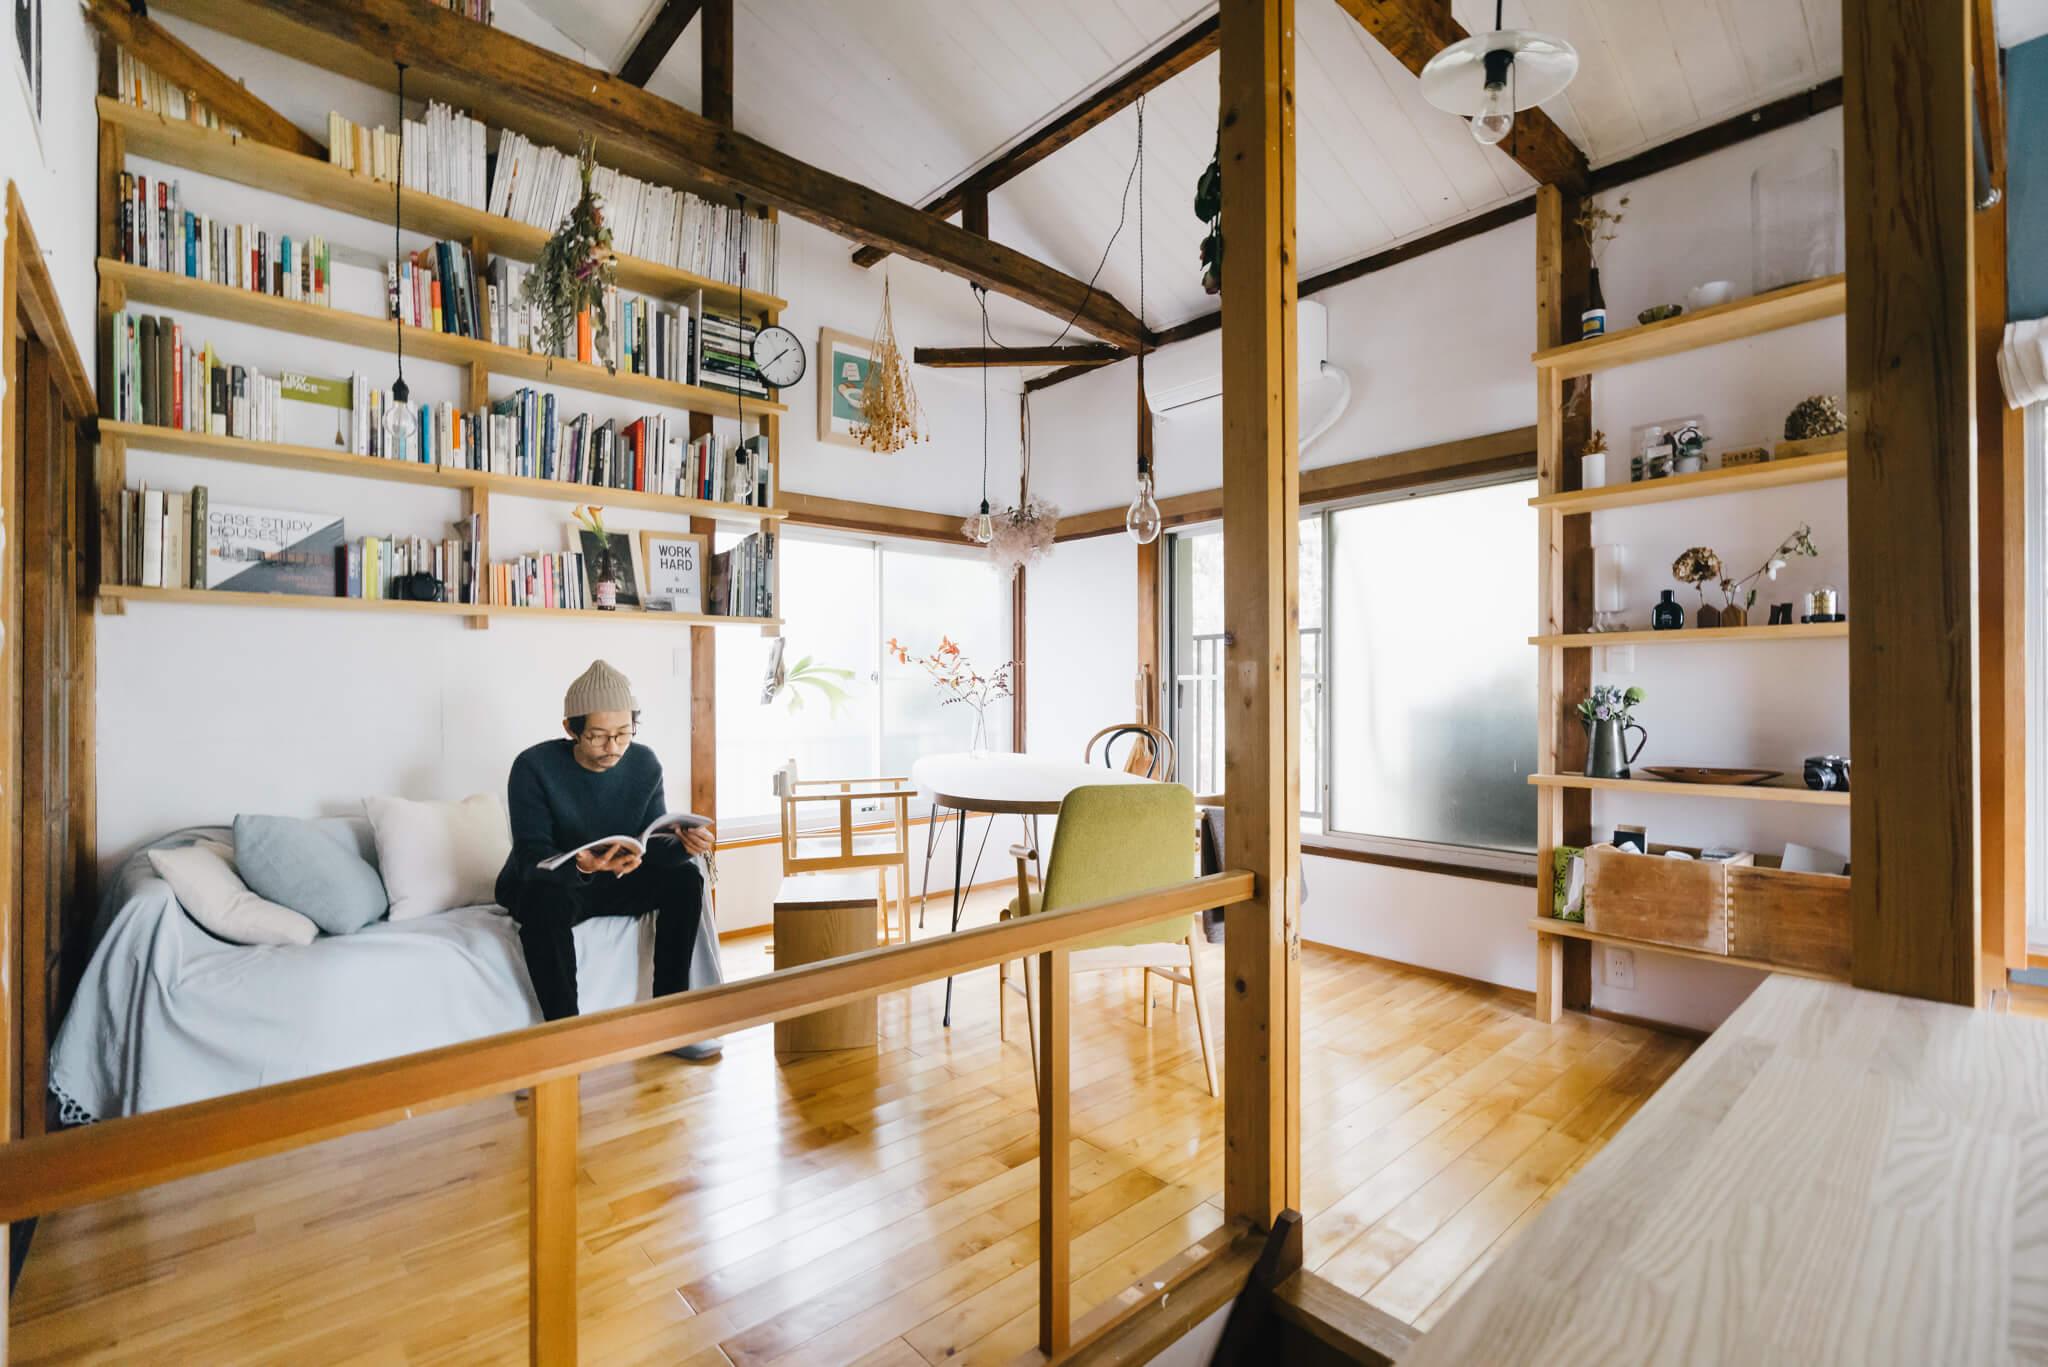 ソファの定位置、「テレビの前」だけじゃないんです。例えば本棚の前、窓のそばなど、自分が一番リラックスできる場所に配置してみましょう。(このお部屋はこちら)